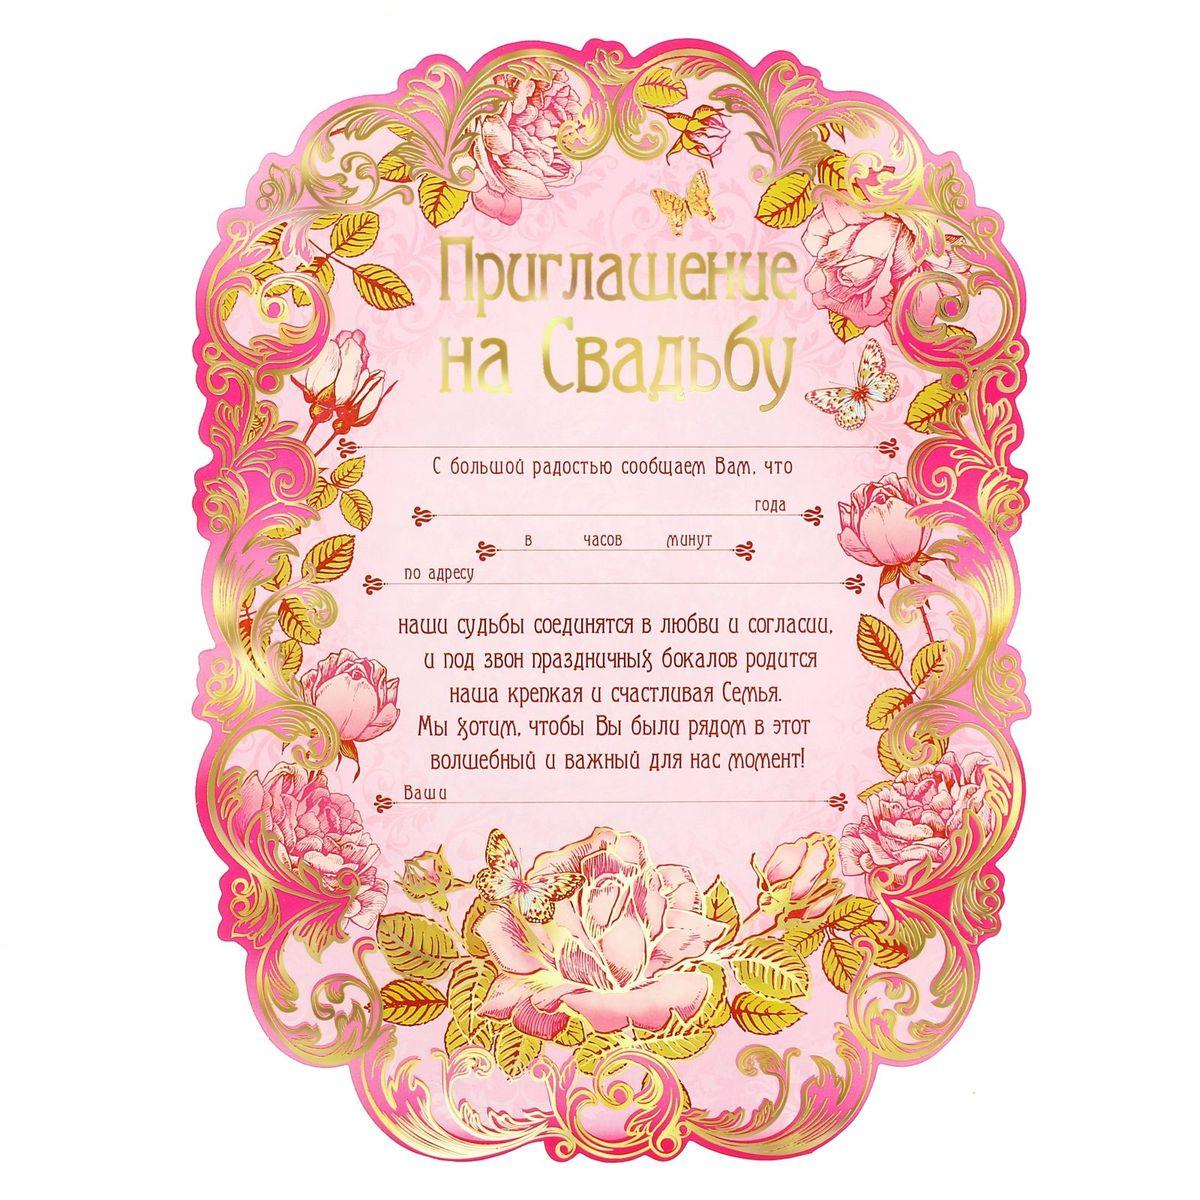 Приглашение на свадьбу Sima-land Розы, 17 х 23,5 см143340Традиции свадебного обряда уходят корнями в далекое прошлое, когда многие важные документы, приказы, указы, послания передавались в форме свитков. Добавить оригинальность и показать верность традициям поможет свадебное приглашение-свиток Sima-land Розы. В комплект входит элегантная лента, которая дополнительно украсит и скрепит свиток. Розовая палитра, традиционные свадебные мотивы и орнамент подойдут к любому стилю, в котором планируется оформить свадьбу. Внутри свитка - текст приглашения с теплыми словами для адресата. Вам остается заполнить необходимые строки и раздать гостям.Устройте себе незабываемую свадьбу!